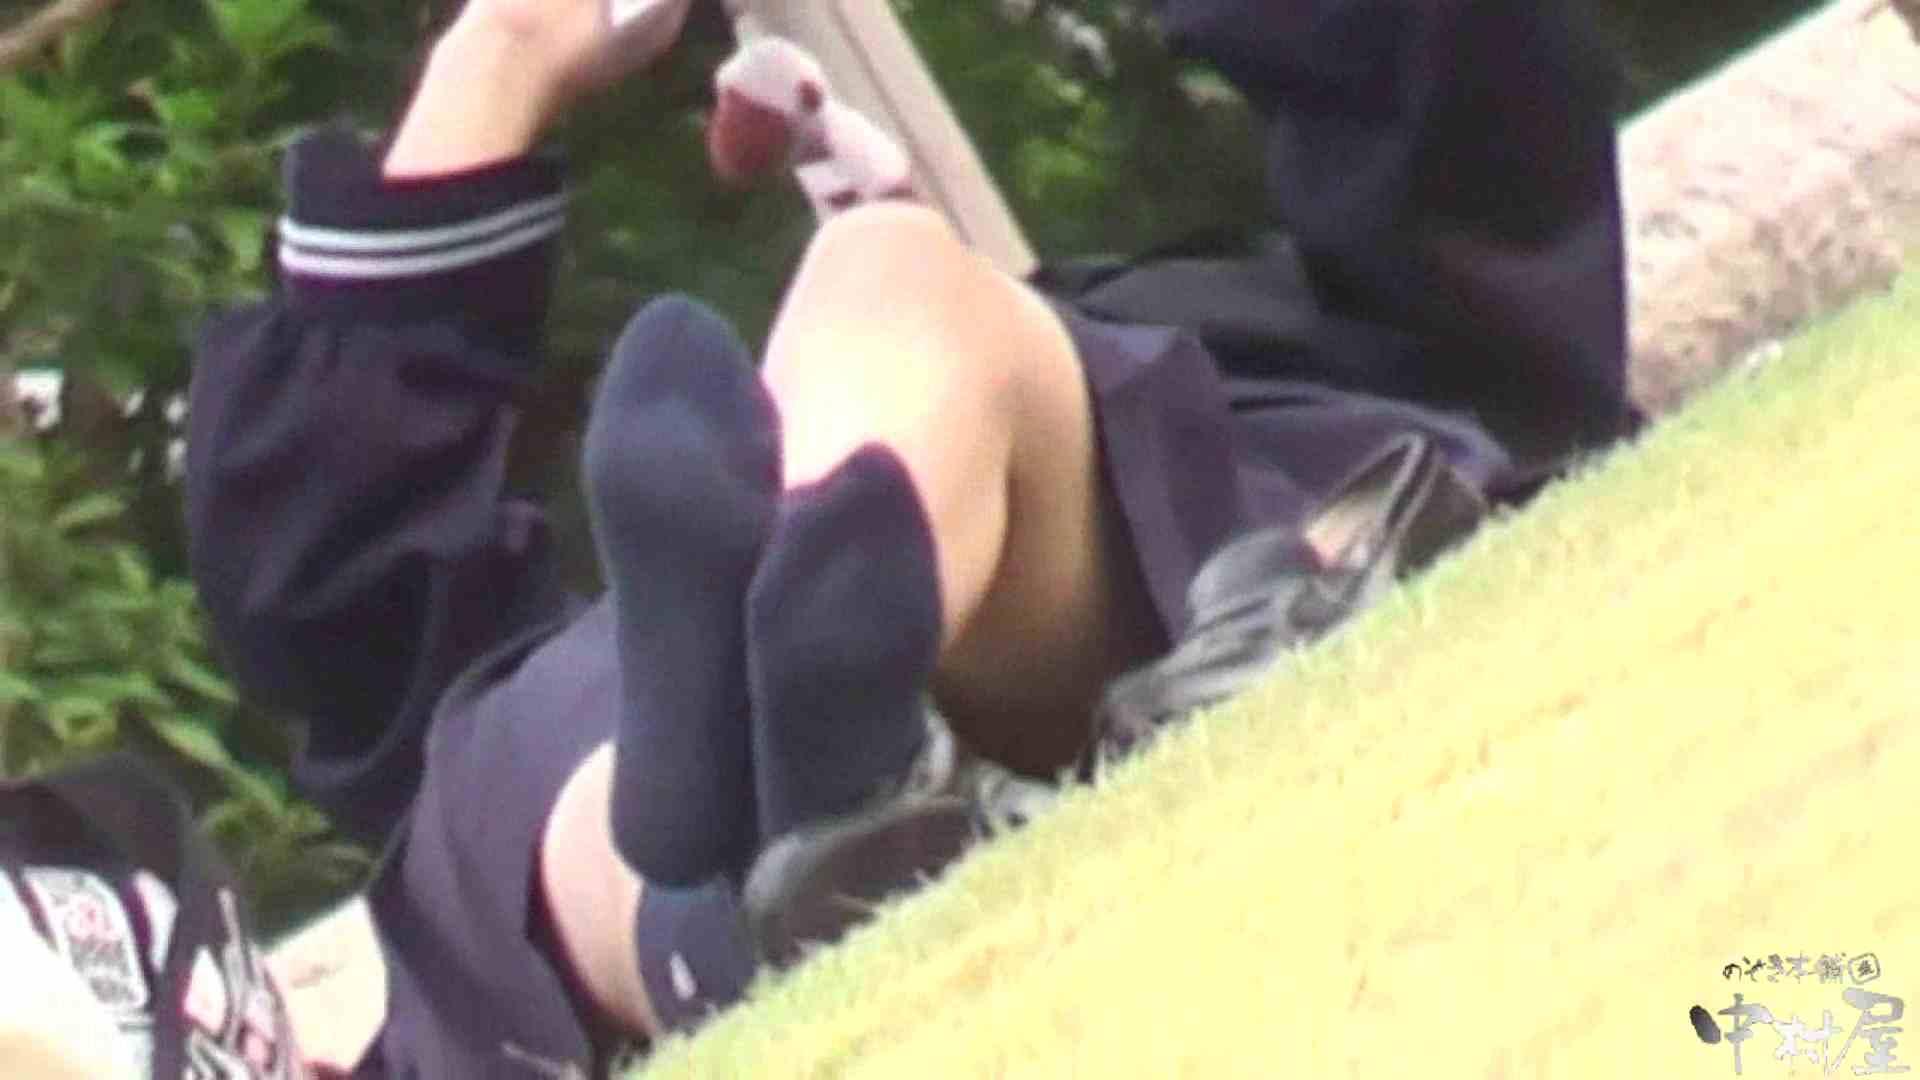 ドキドキ❤新入生パンチラ歓迎会vol.21 乙女のエロ動画 のぞき動画キャプチャ 105PIX 55